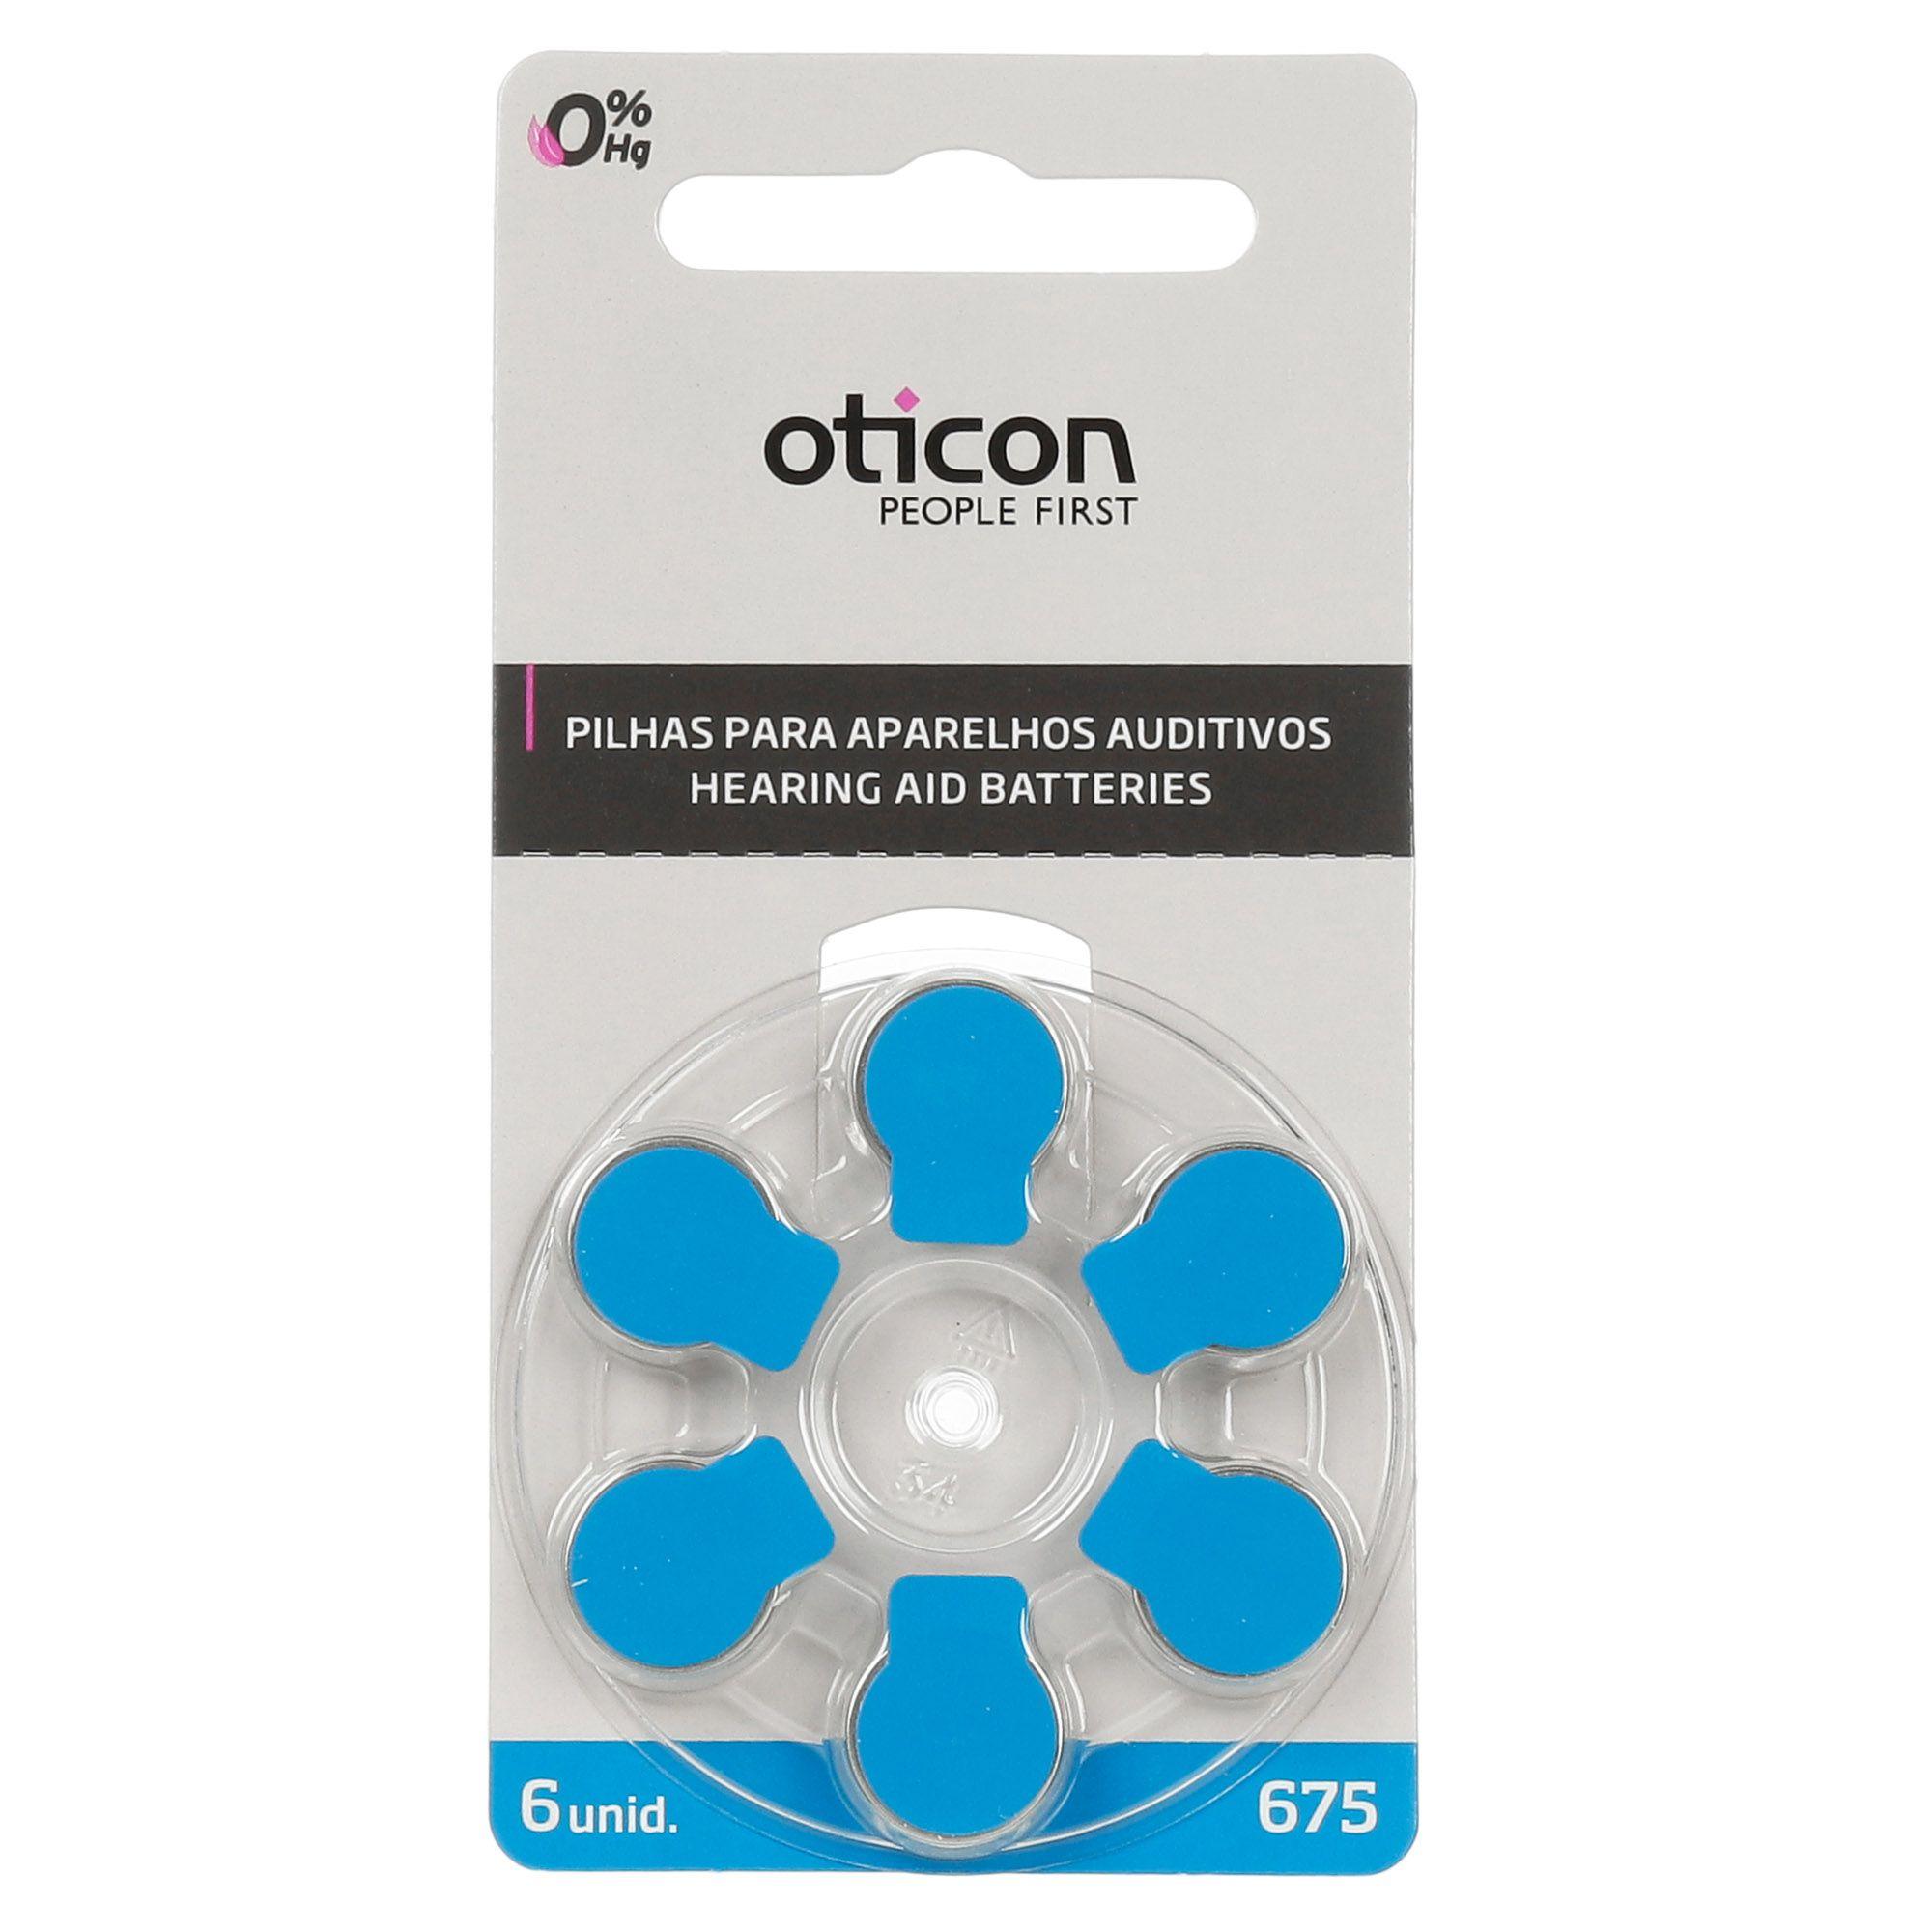 OTICON 675 / PR44 - 10 Cartelas - 60 Baterias para Aparelho Auditivo  - SONORA